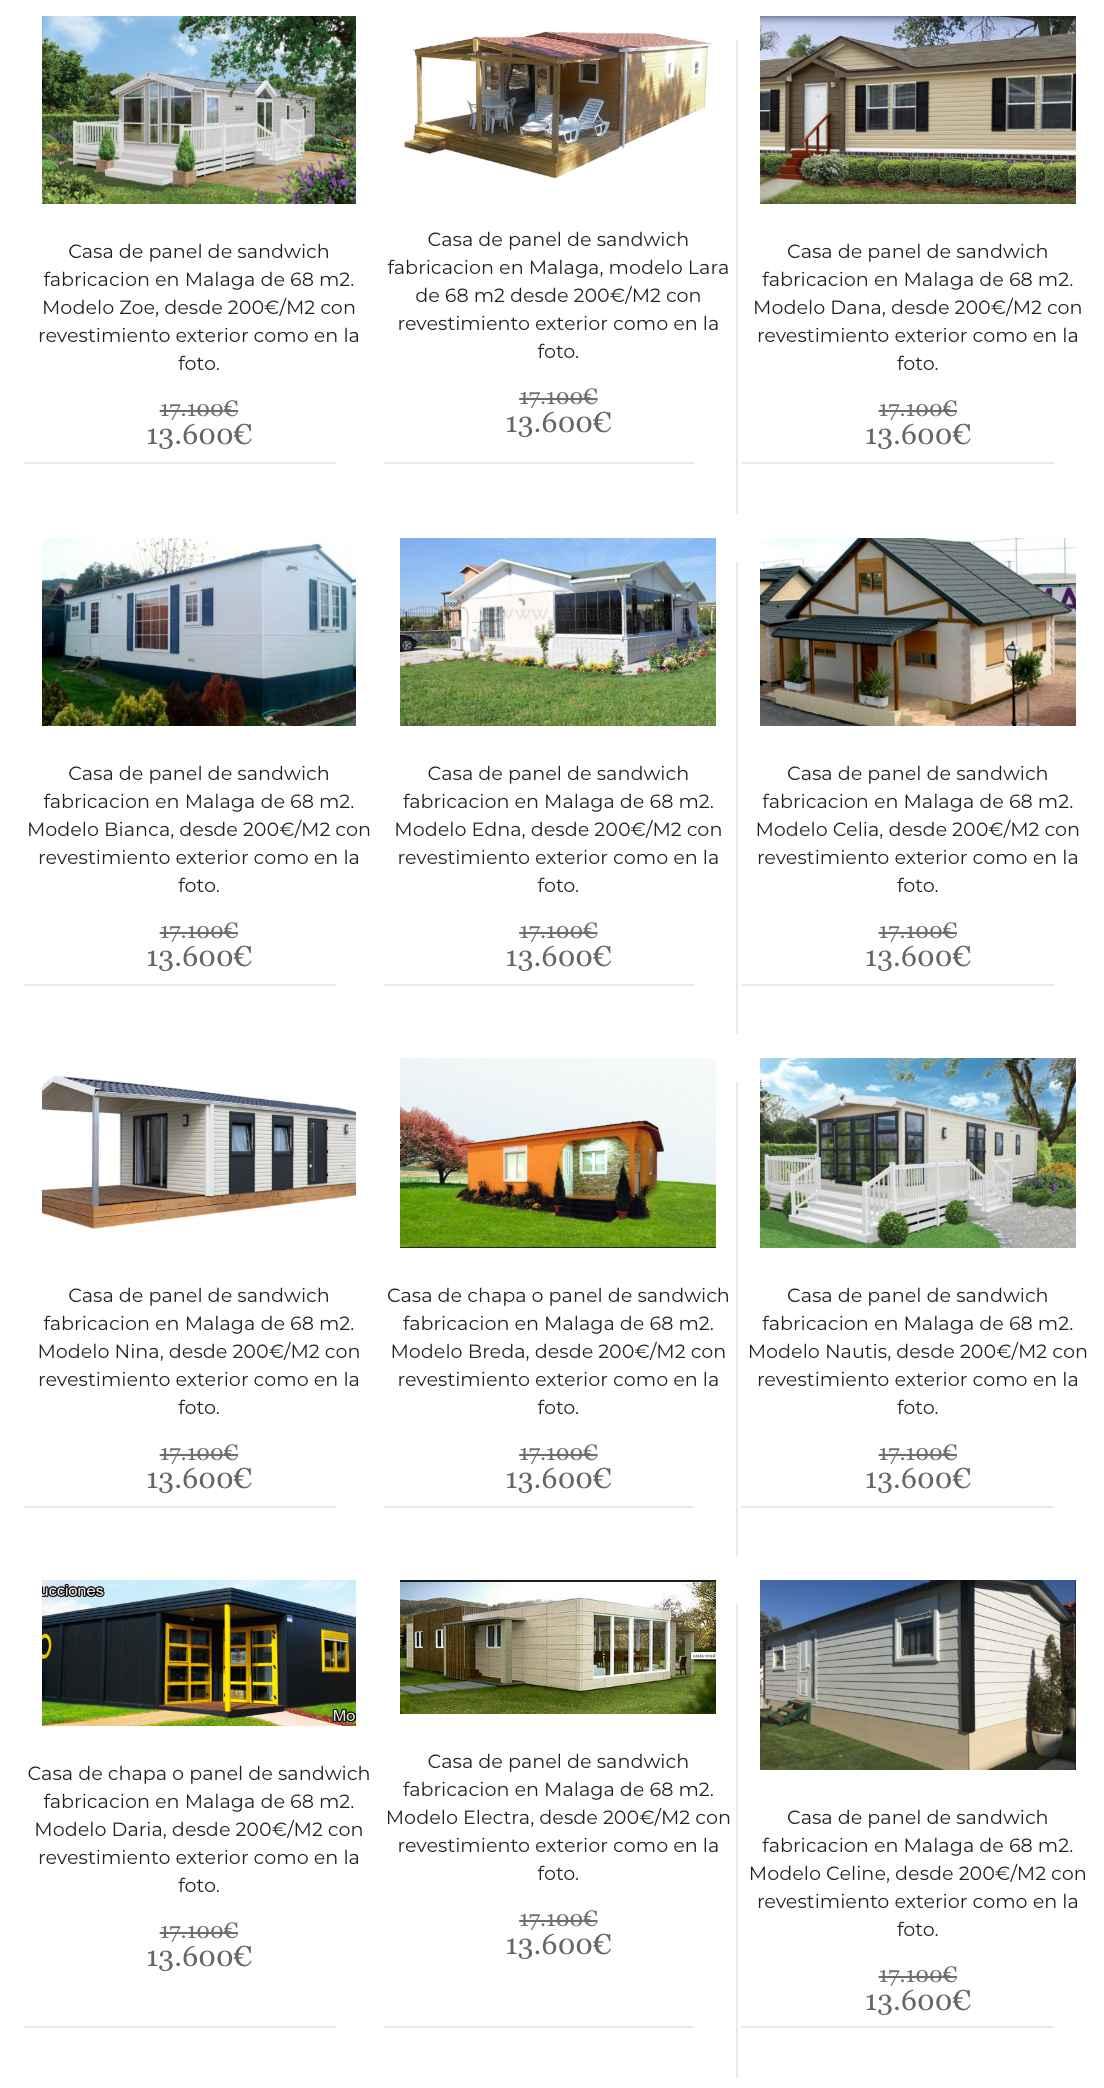 Casas Prefabricadas Baratas Economicas Y De Segunda Mano